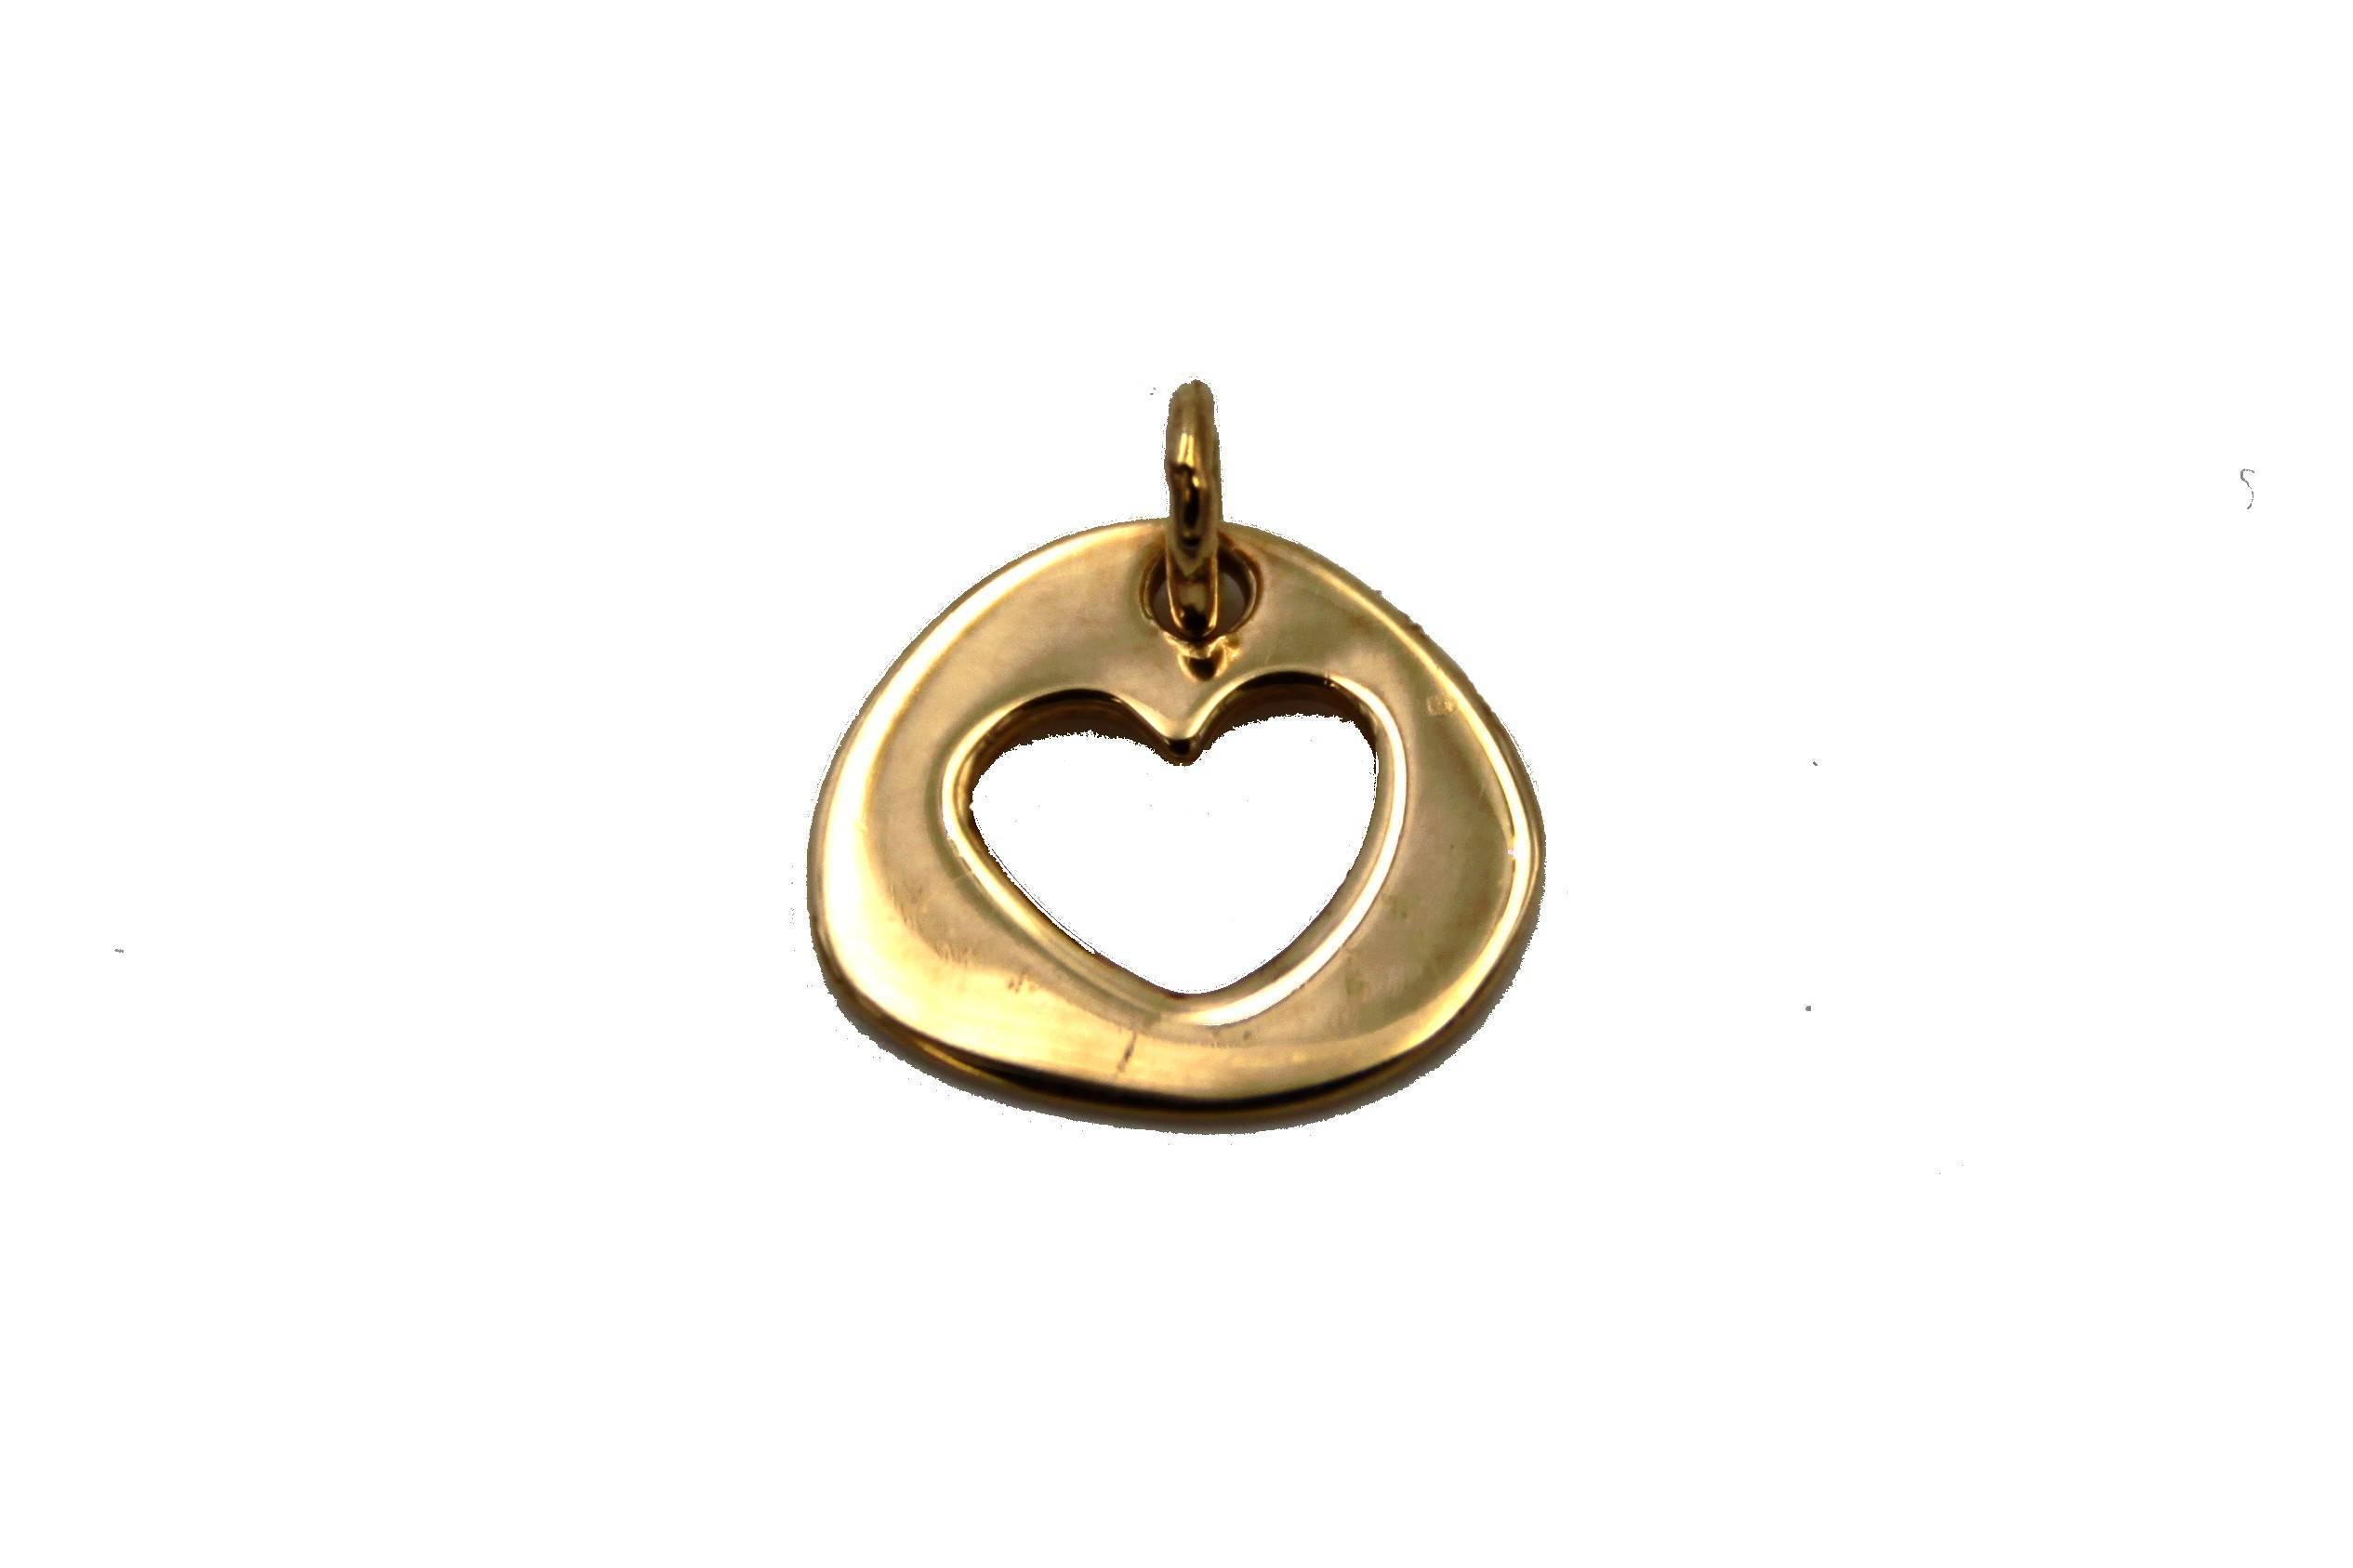 dc74dc5a86e9 Colgante de oro corazón san valentín amor Joyería Juan Luis Larráyoz  Pamplona comprar colgante corazón online